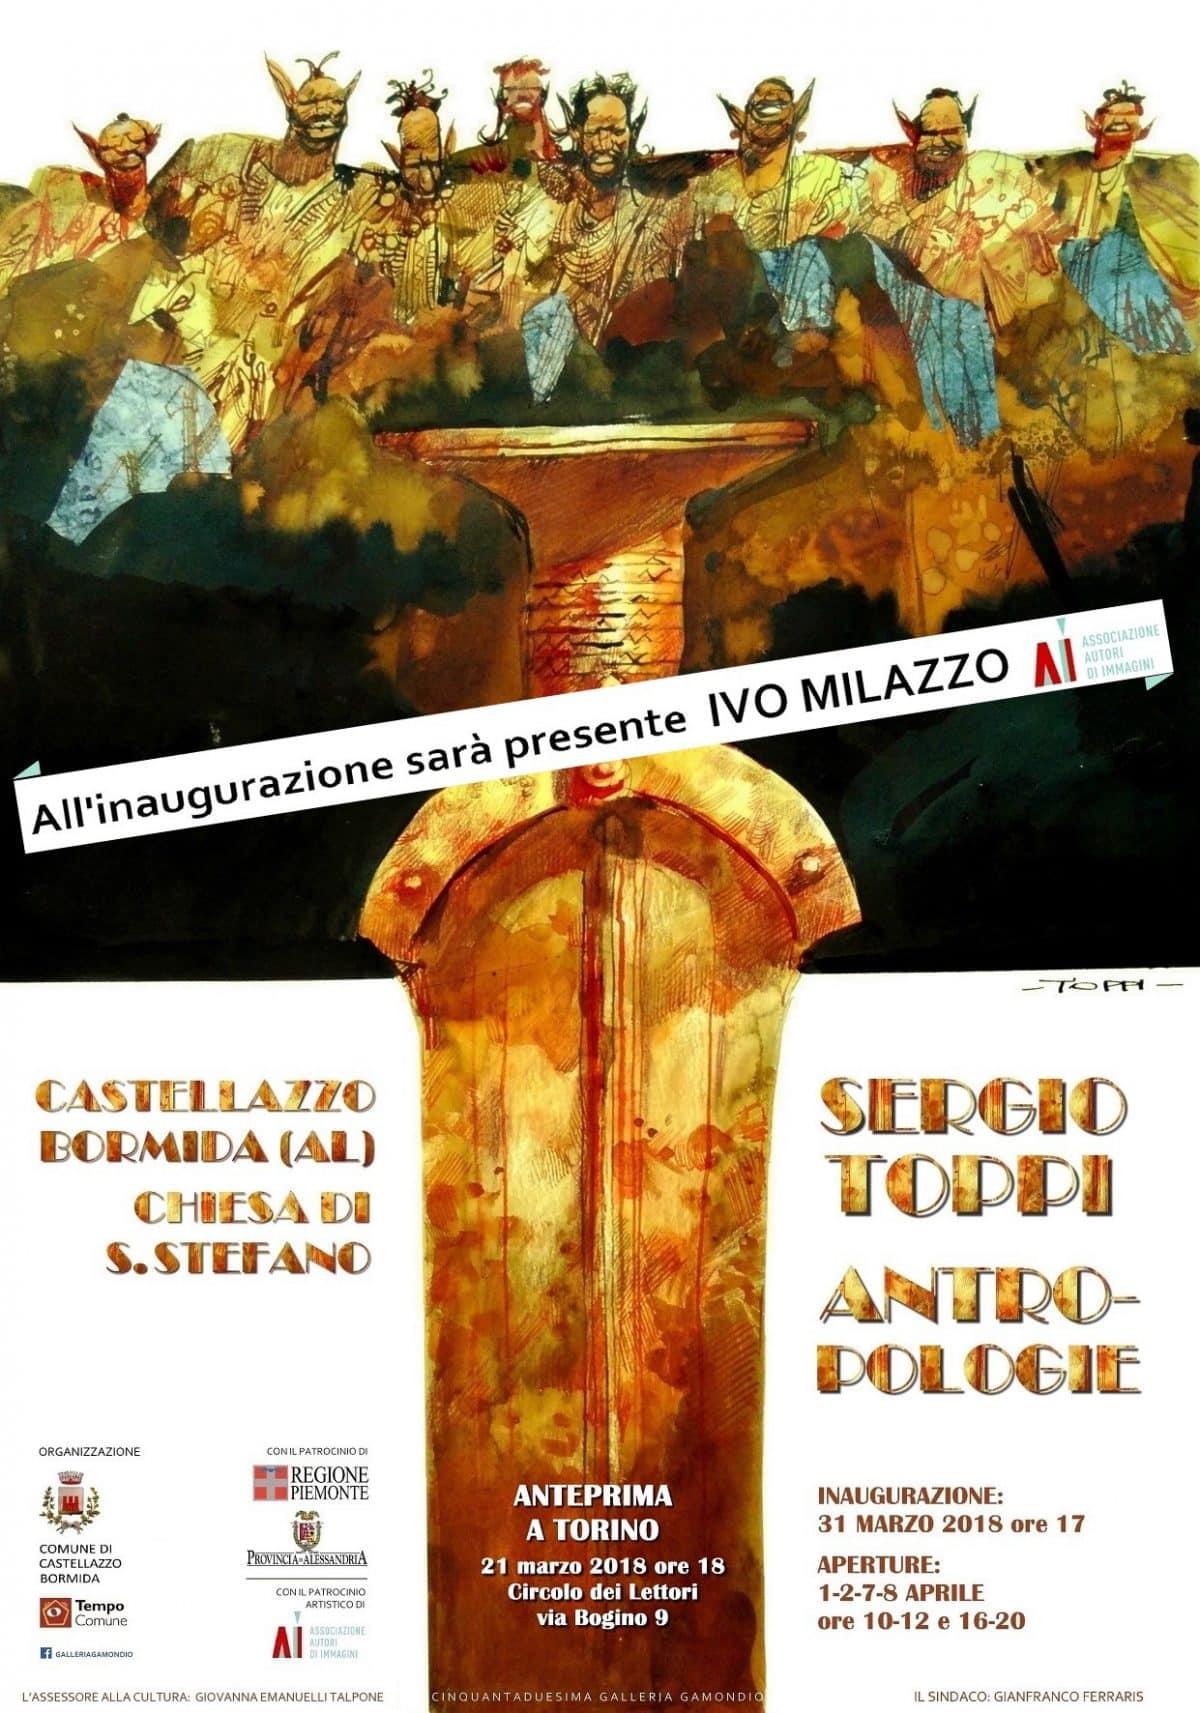 Il 31 marzo si inaugura la mostra Sergio Toppi – Antropologie